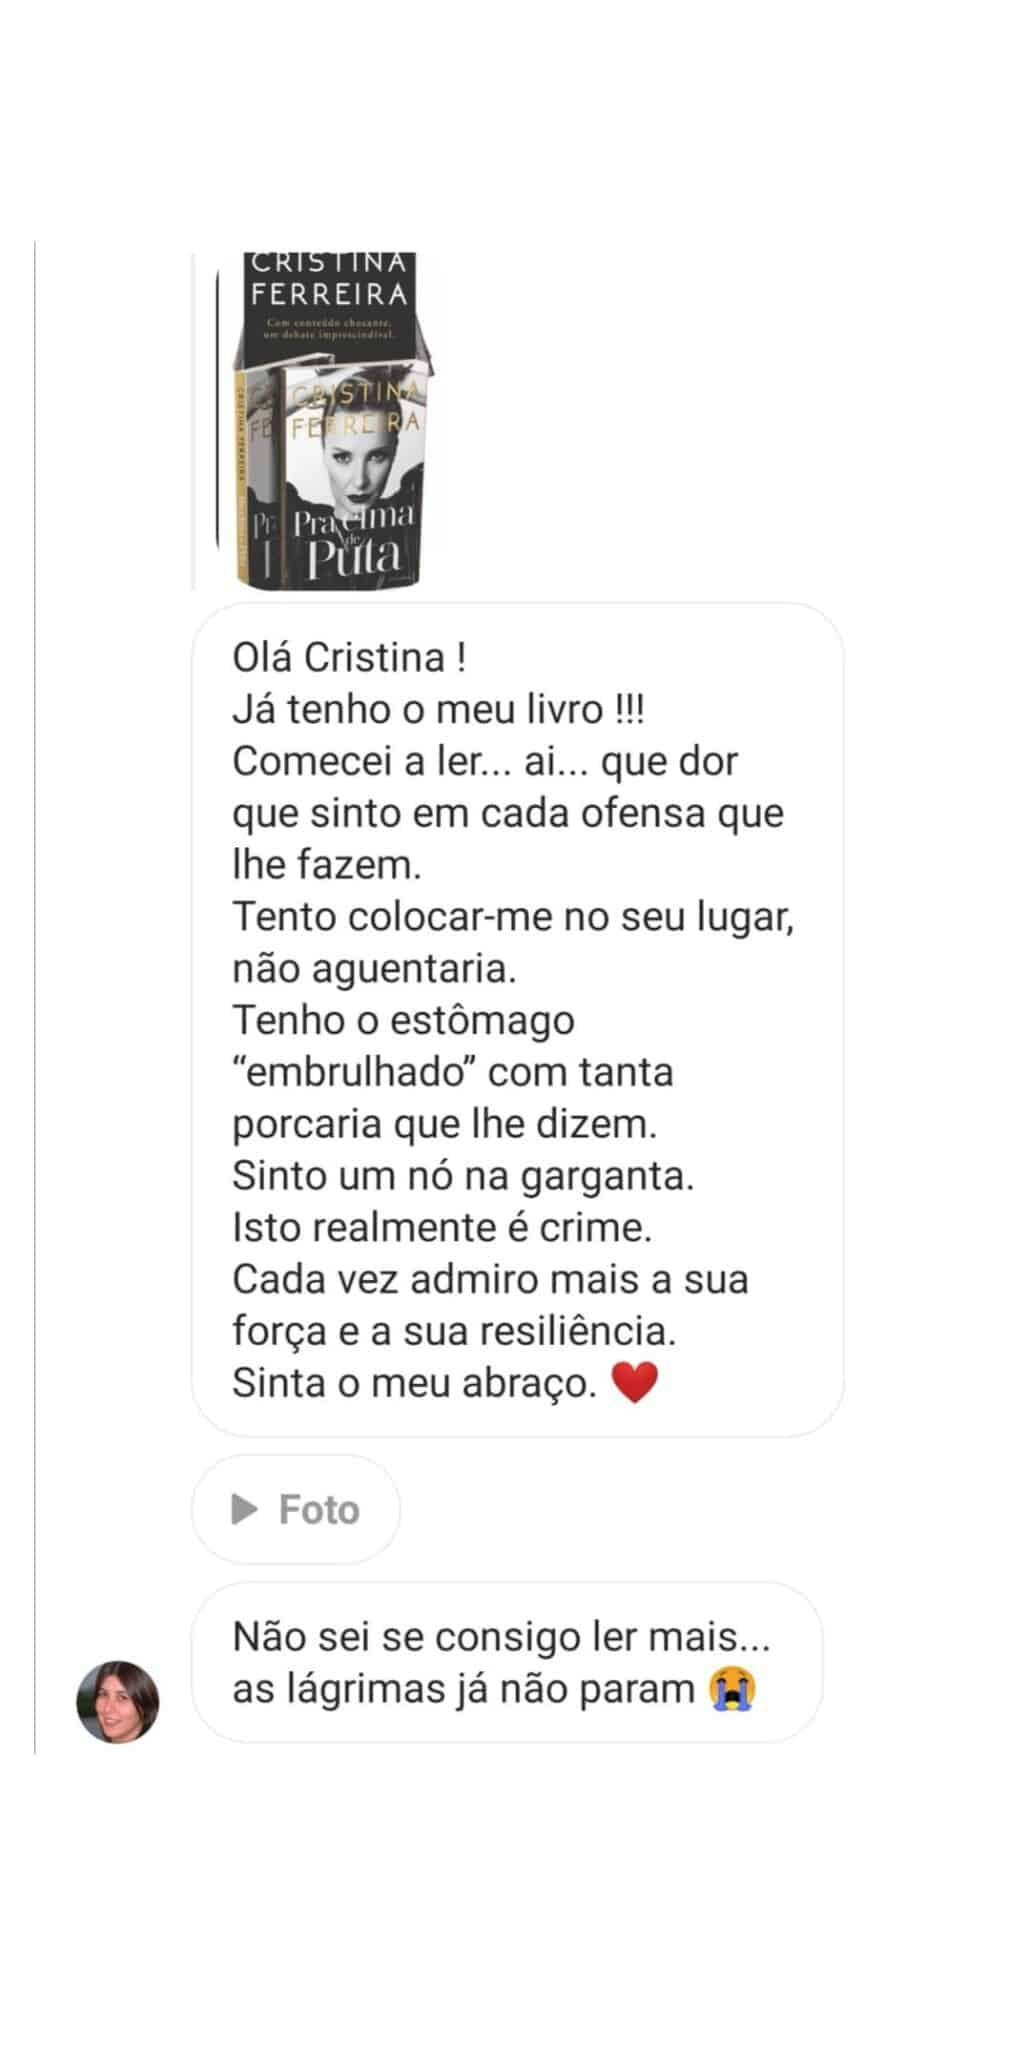 Reacoes-Fas-Livro-Cristina-Ferreira-1